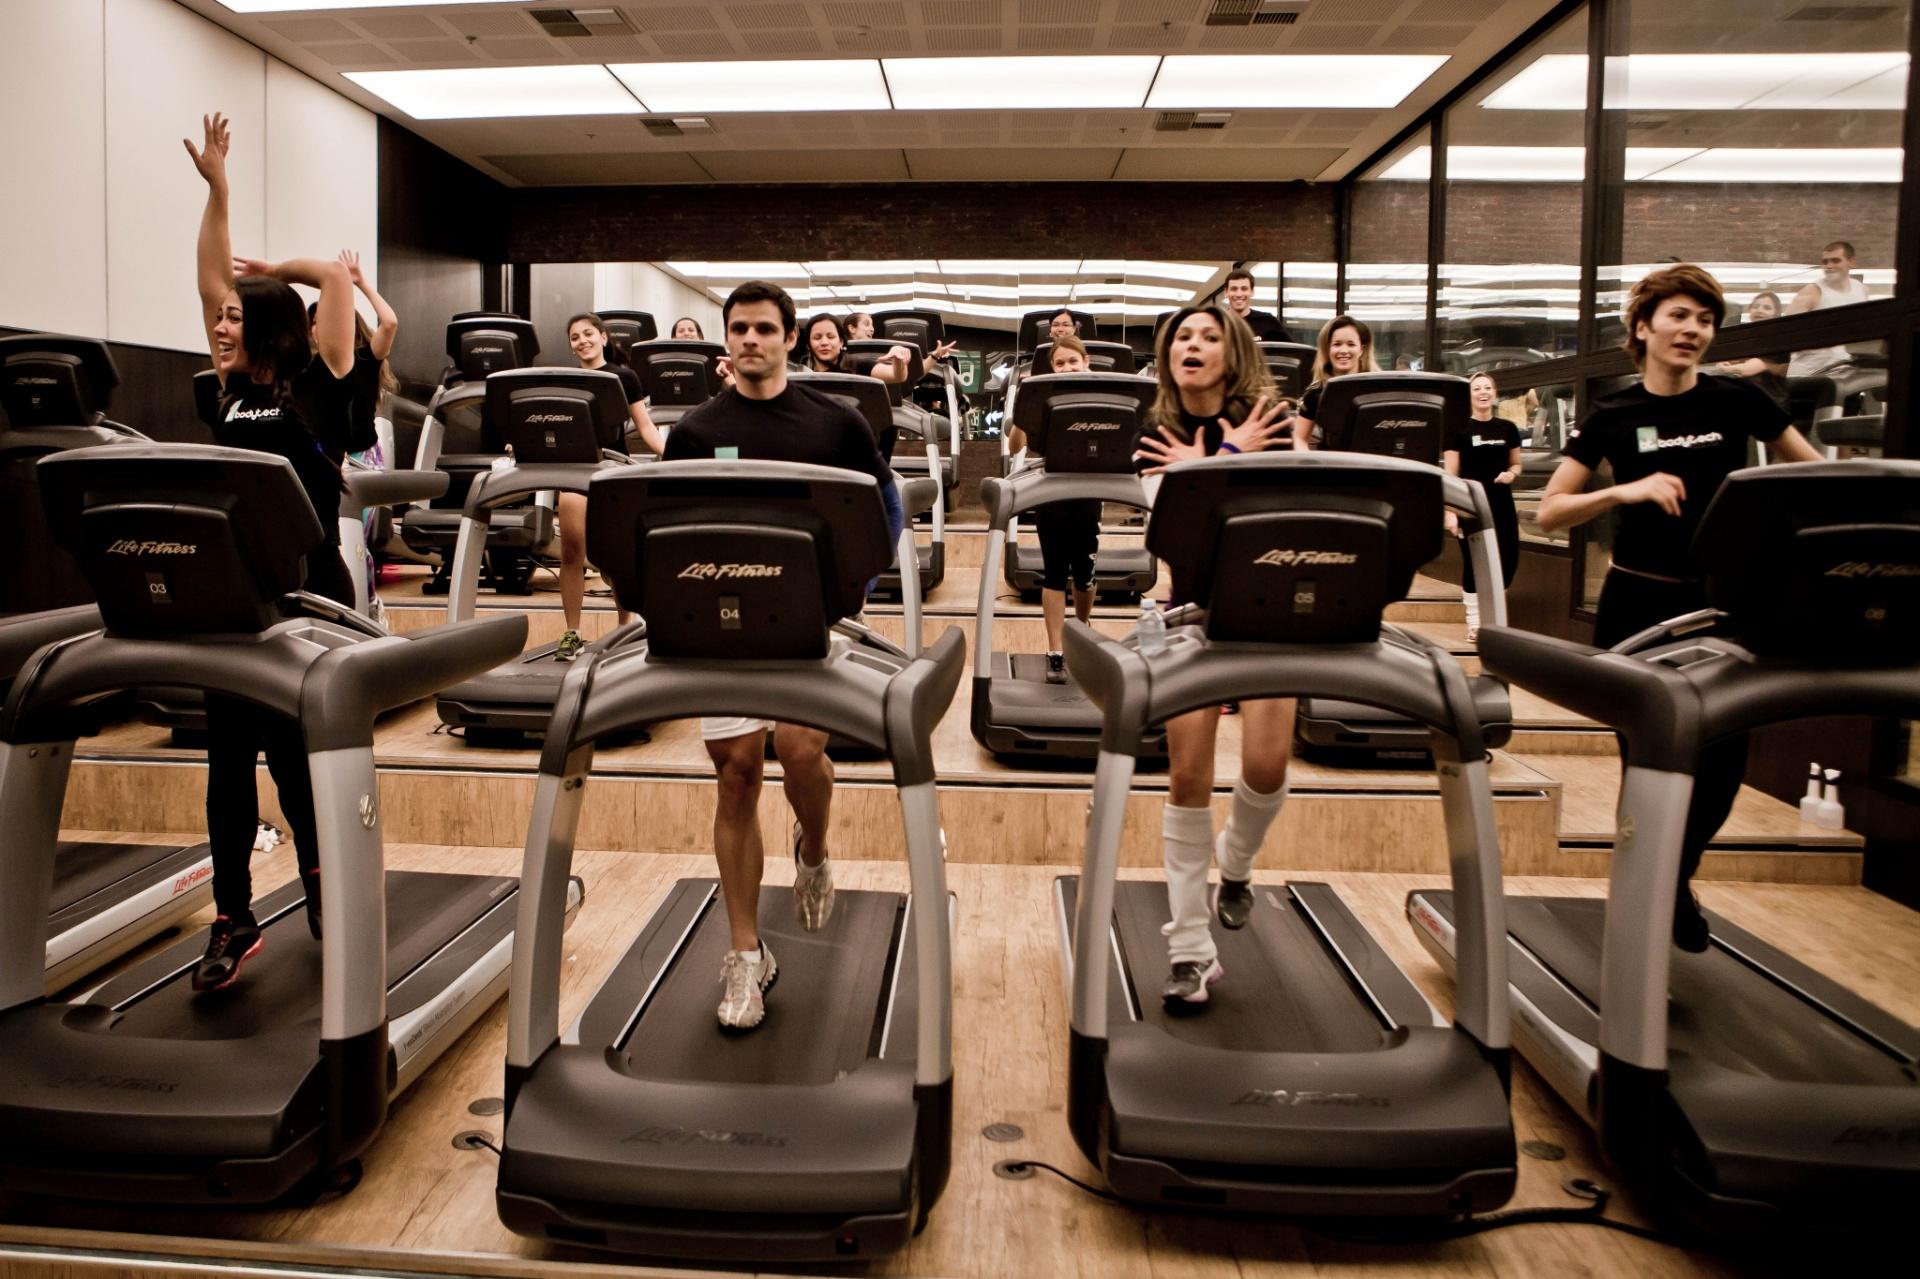 b31402a698 Novas modalidades nas academias oferecem vários exercícios em um -  16 03 2016 - UOL Universa